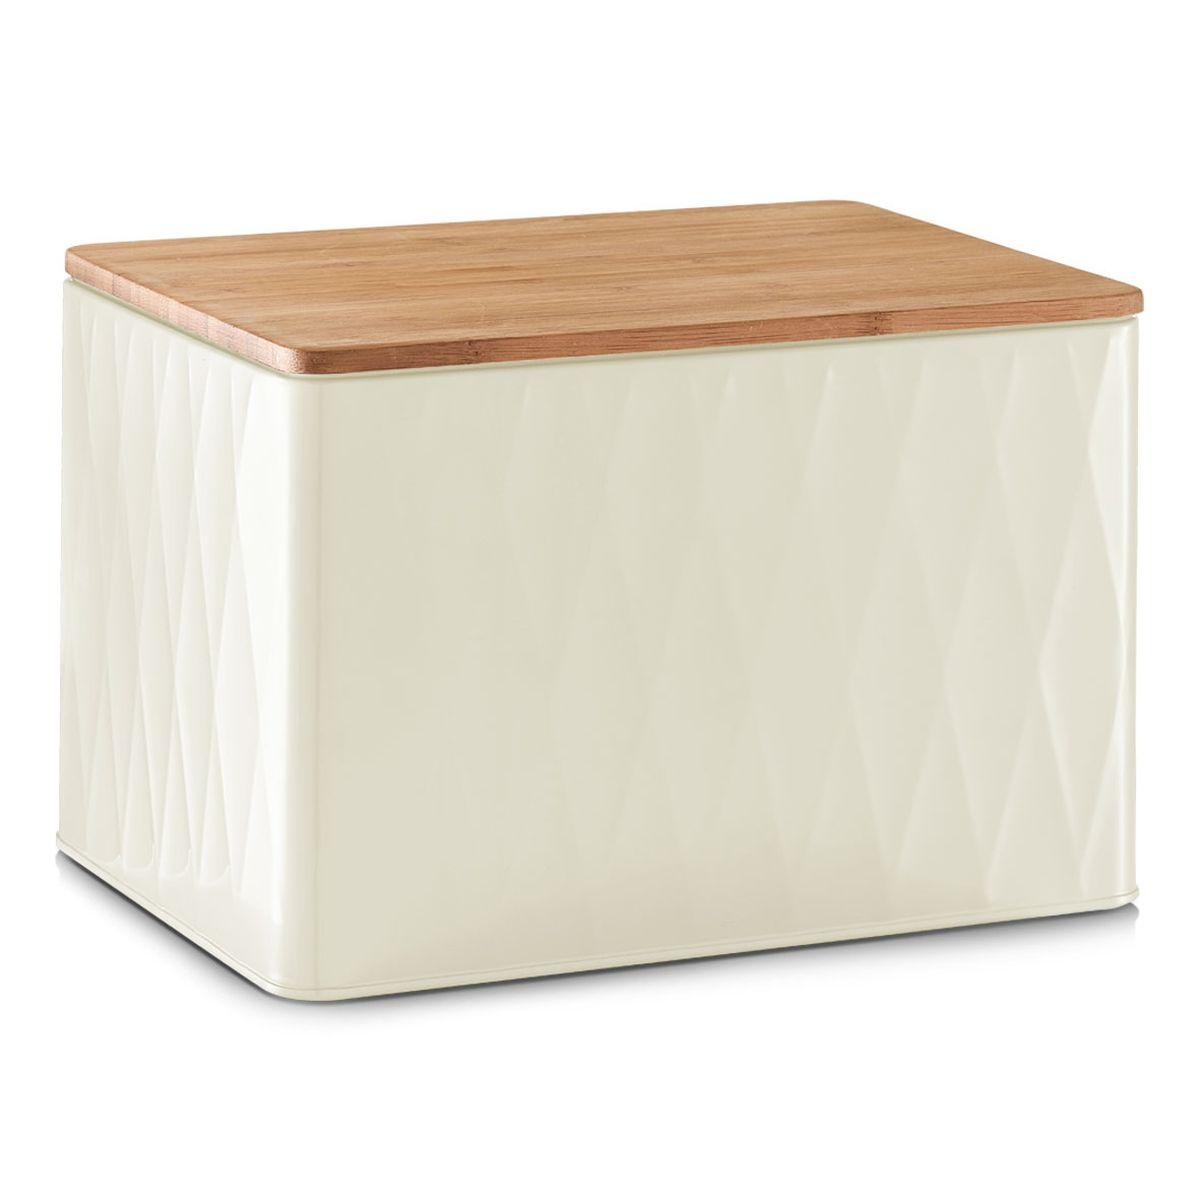 Хлебница Zeller, с разделочной доской, цвет: белый, светло-коричневый, 27,8 х 20,2 х 19 см хлебница с разделочной доской